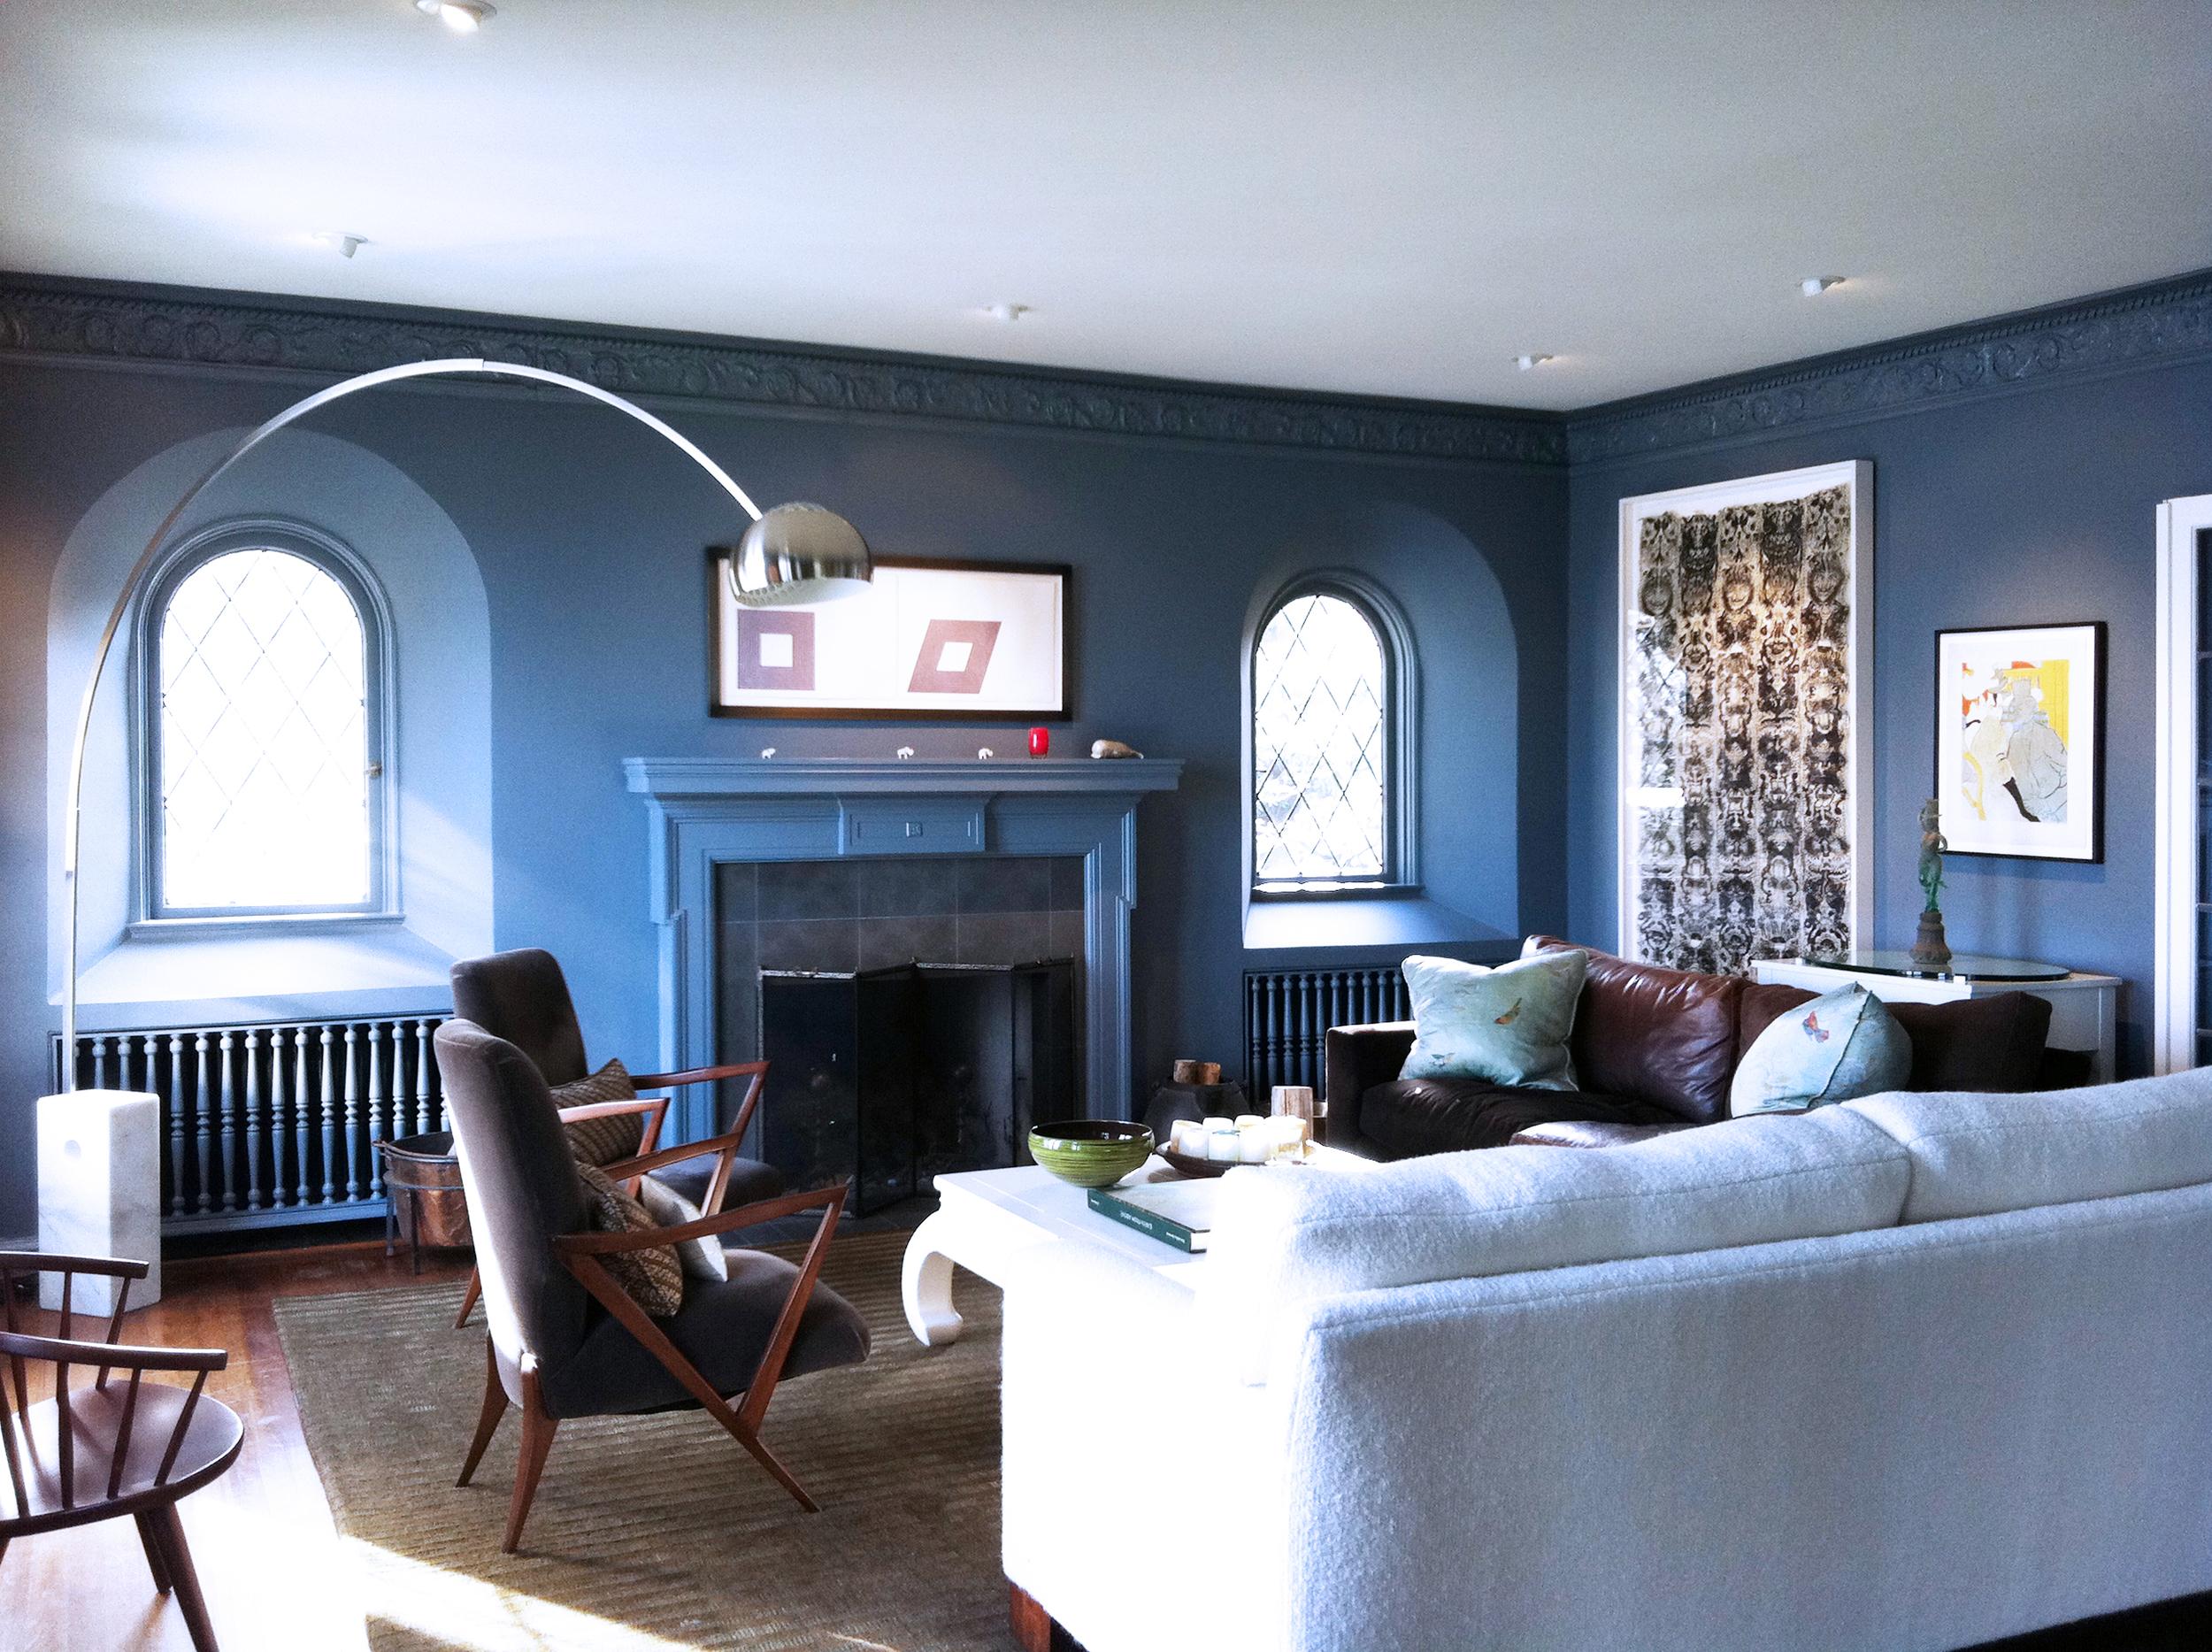 Washington Park residence Living Room.JPG